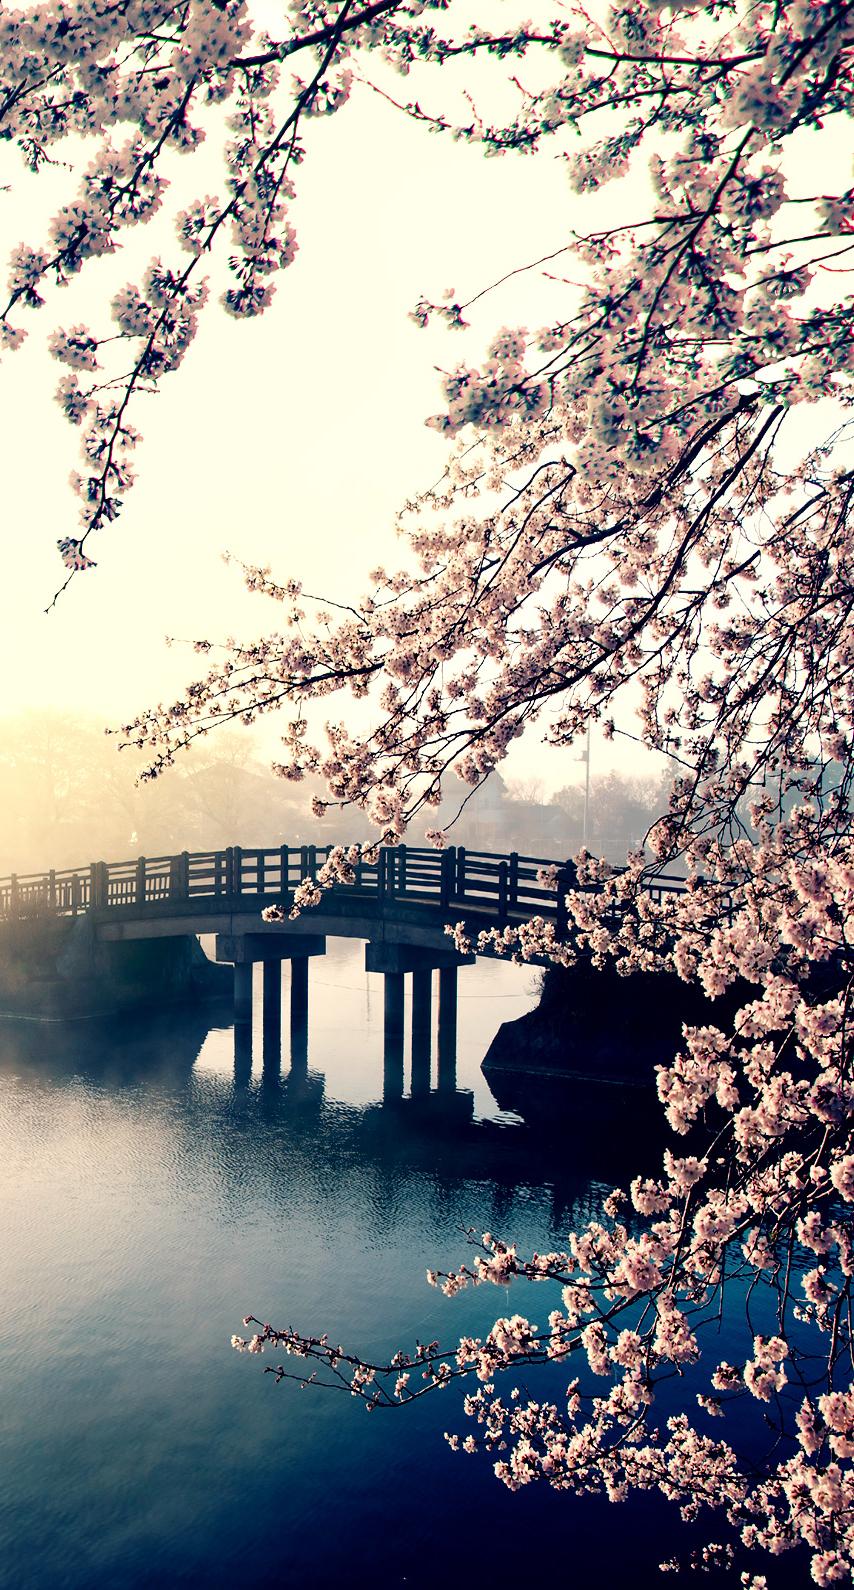 mist, composure